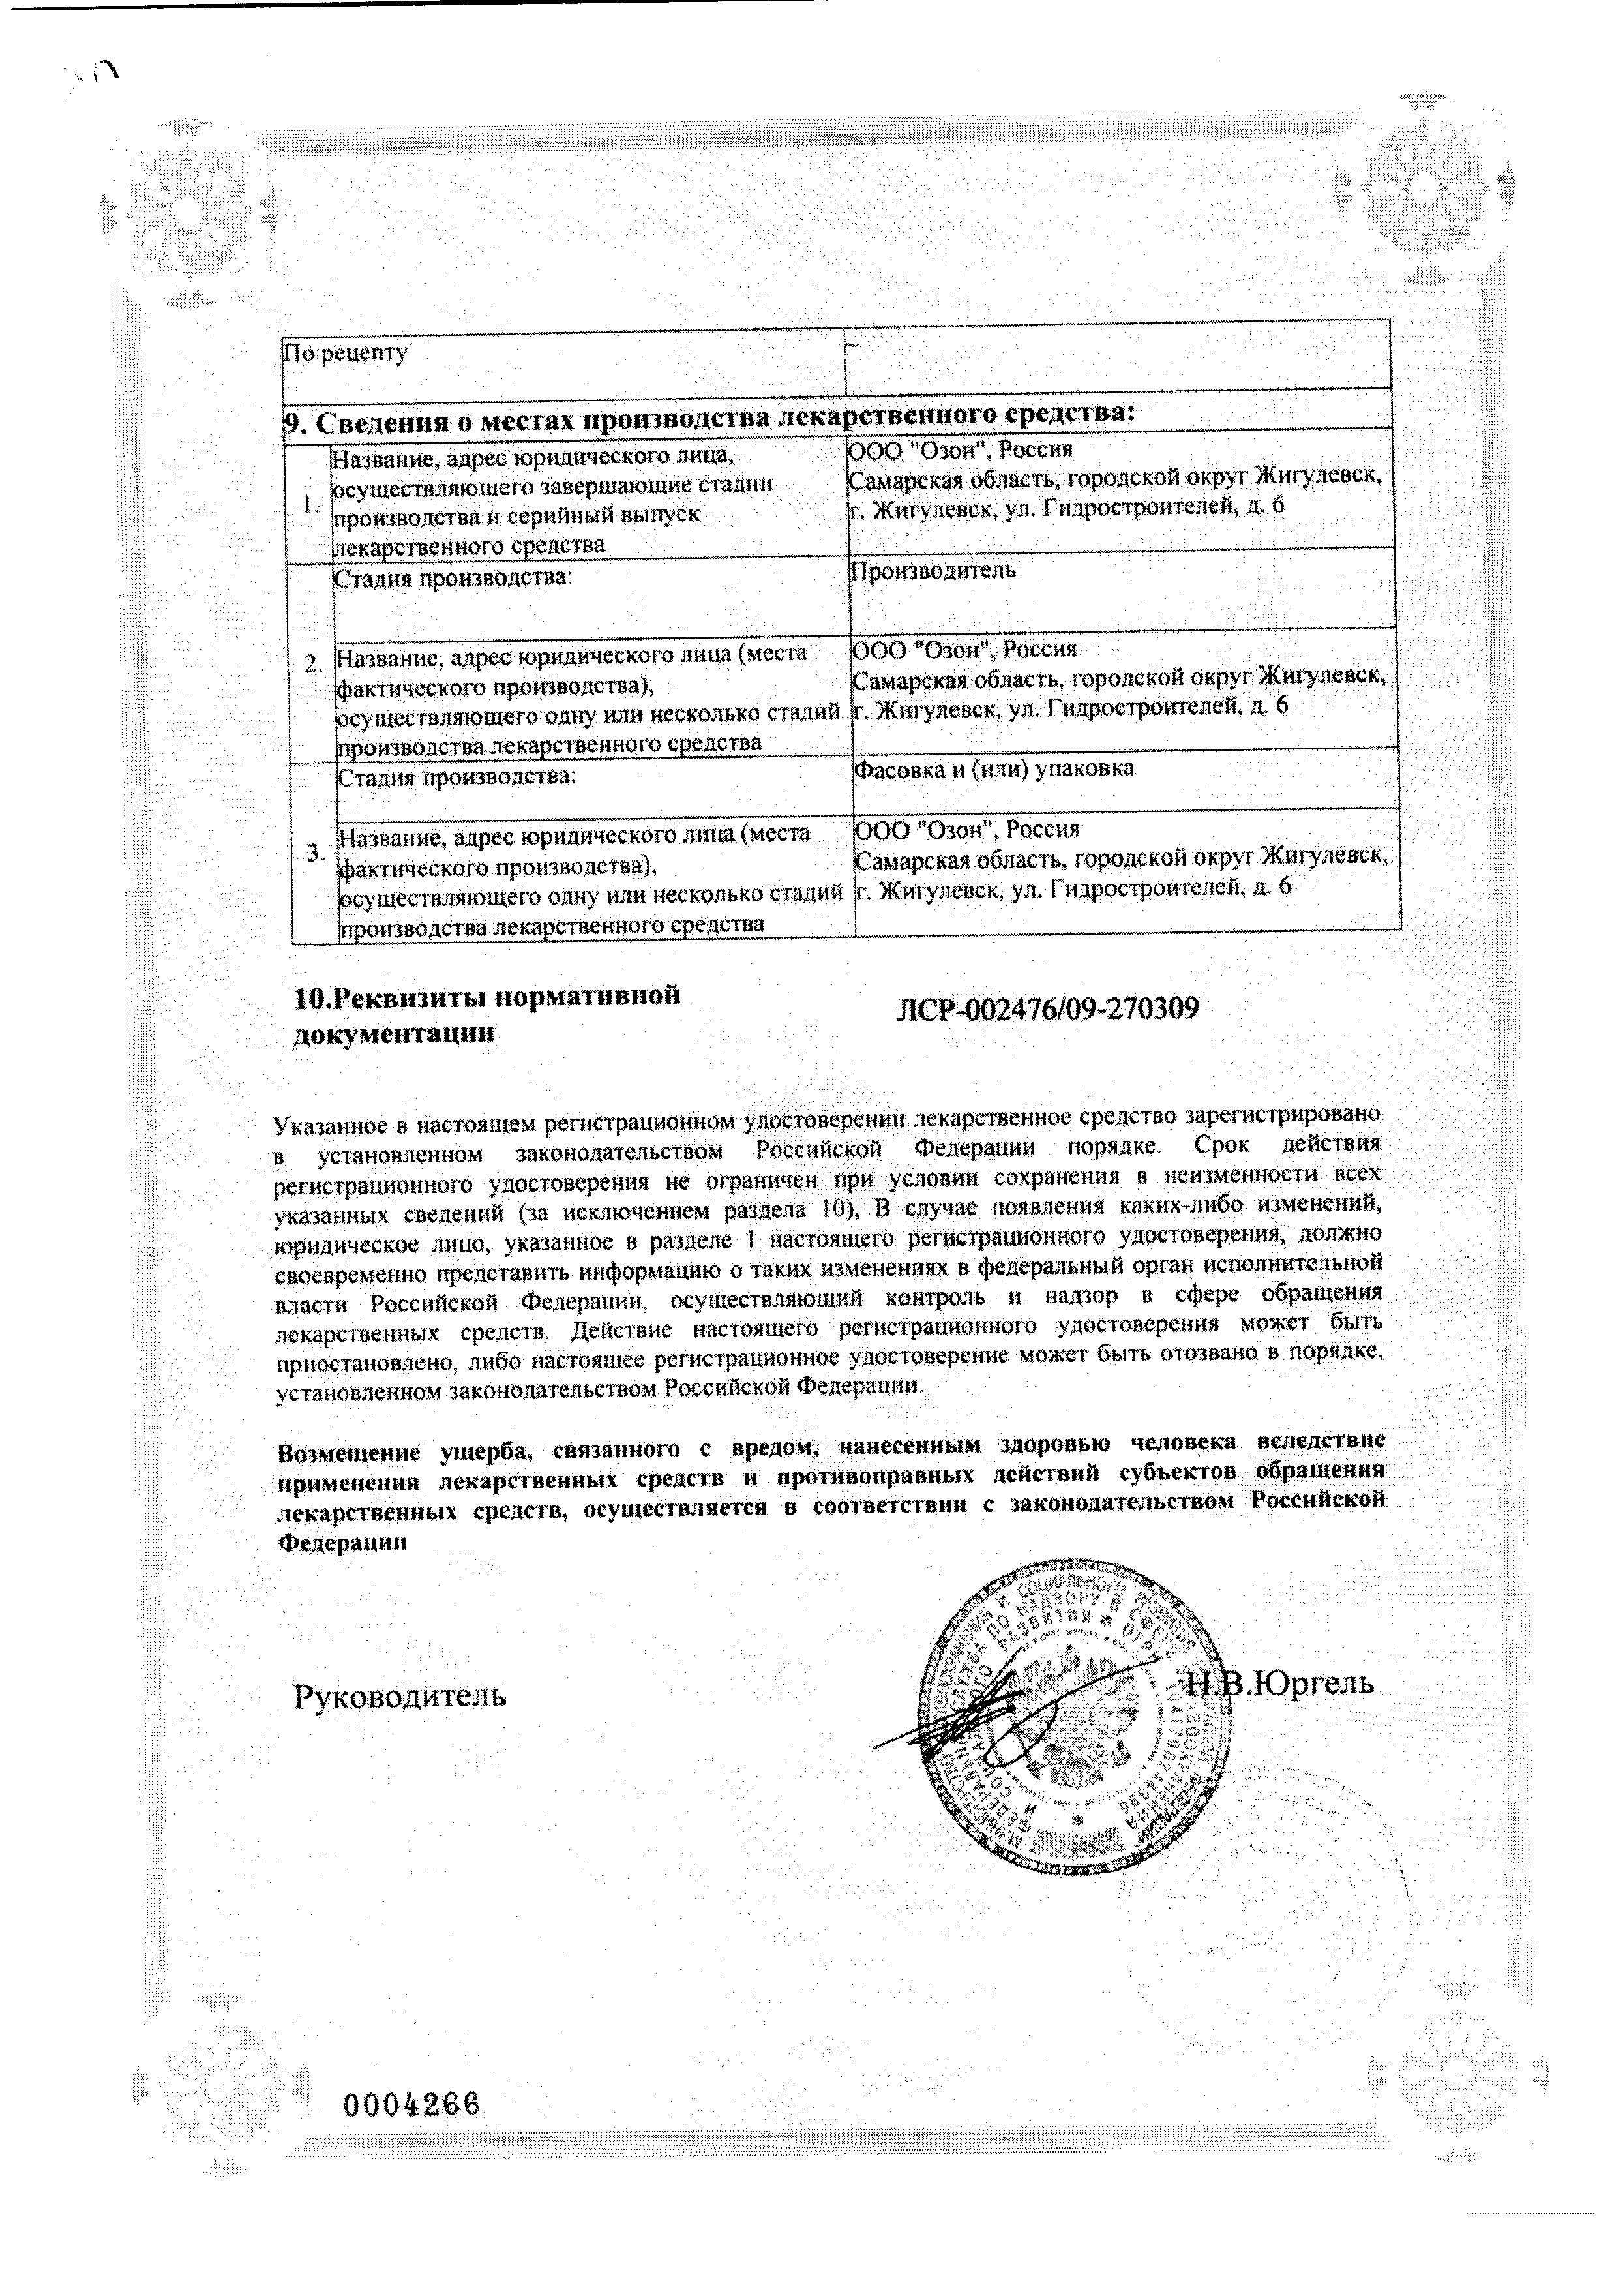 Метотрексат сертификат